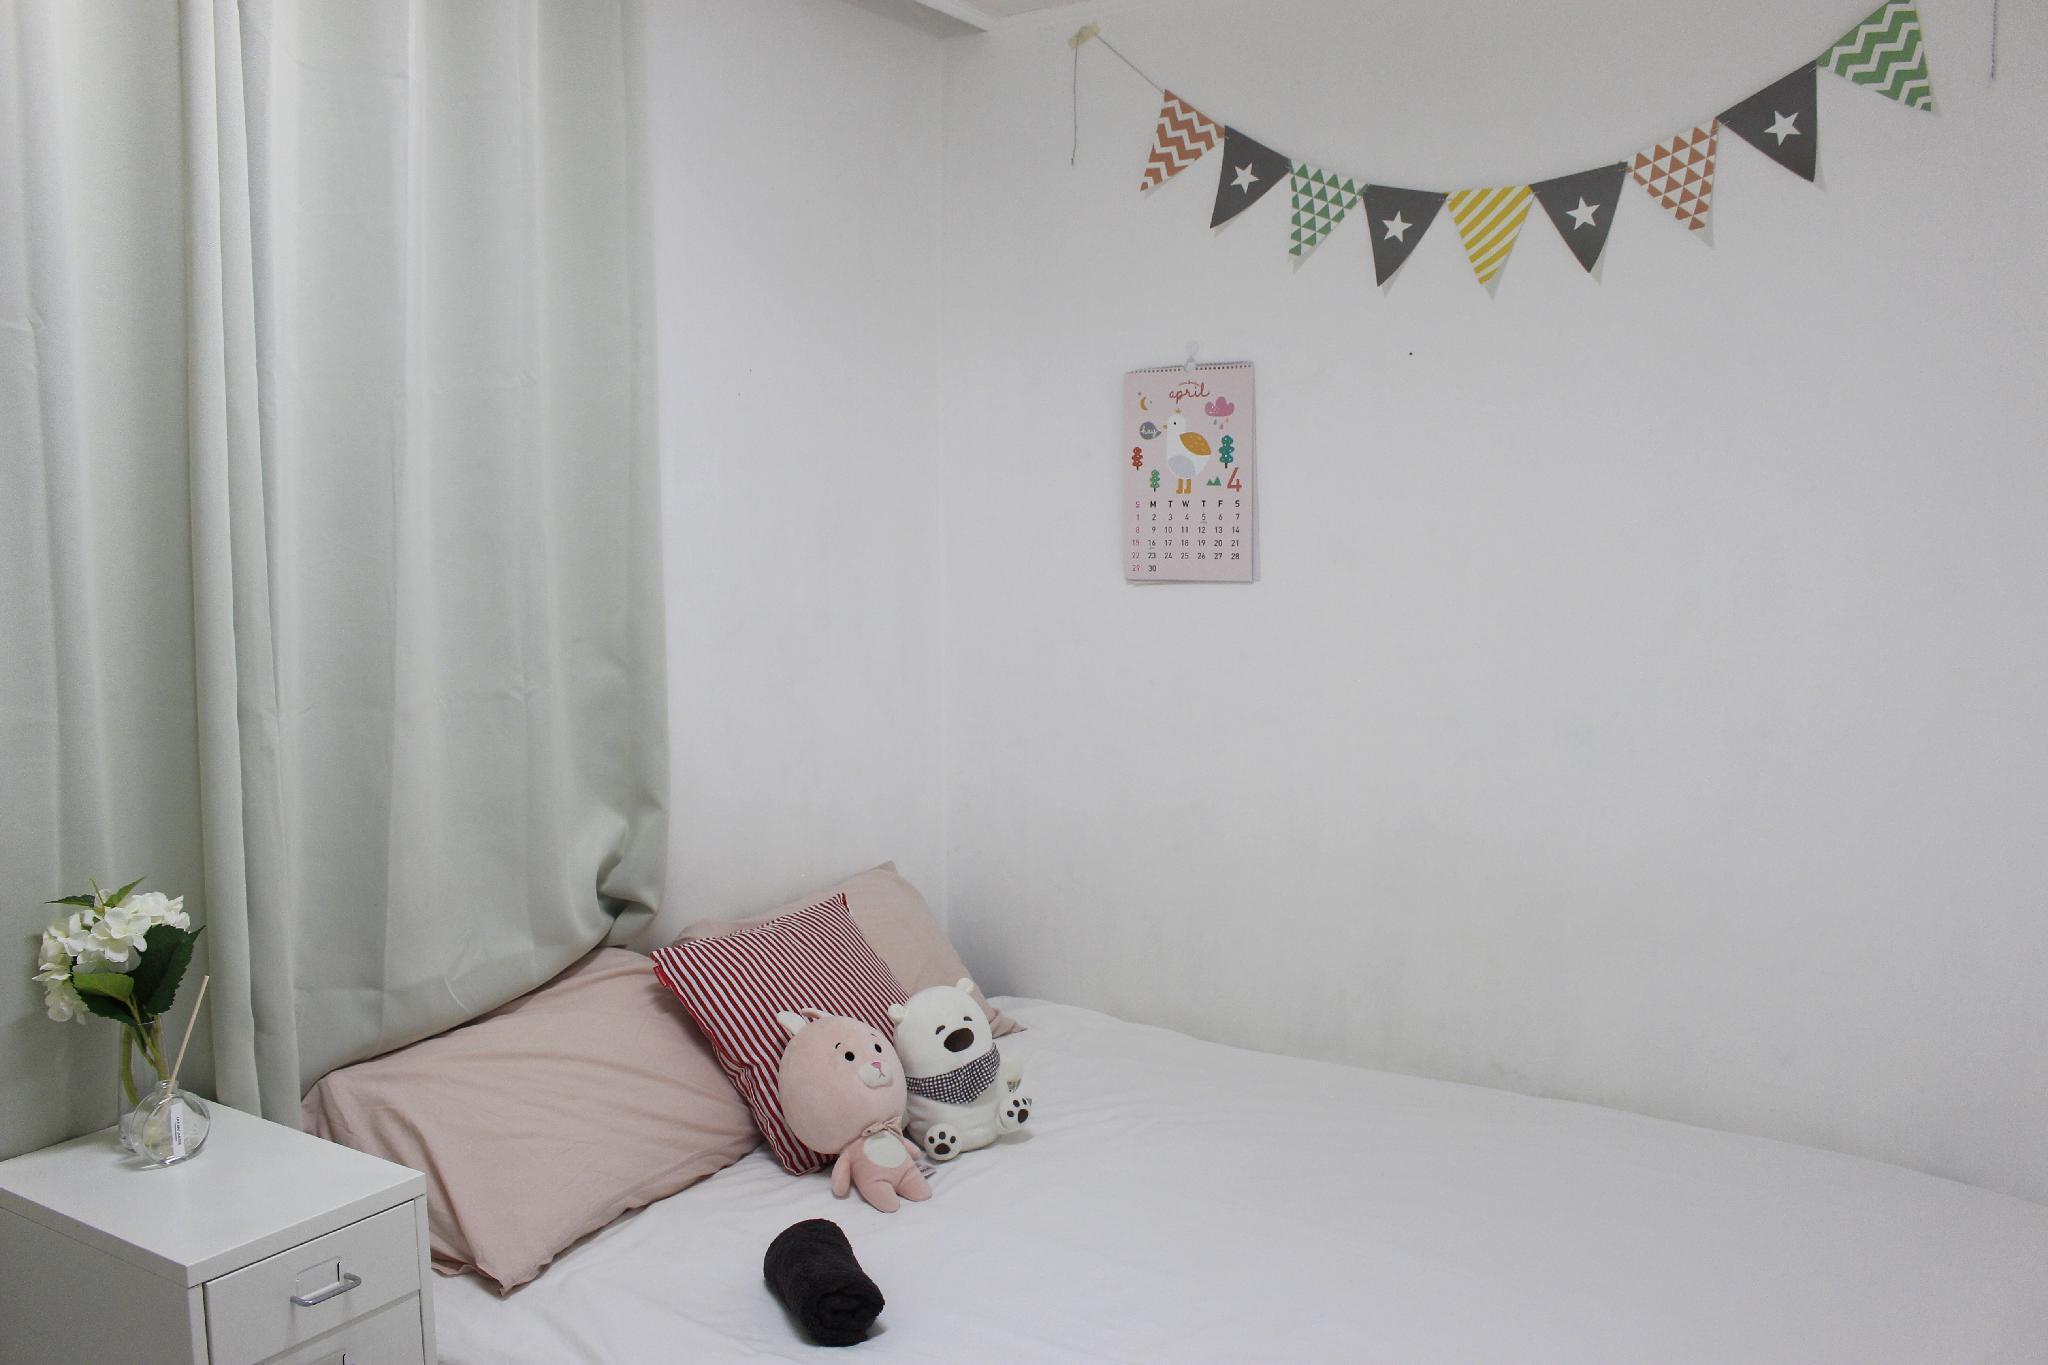 2  Room 5 Hongdea Kylie's Private Room